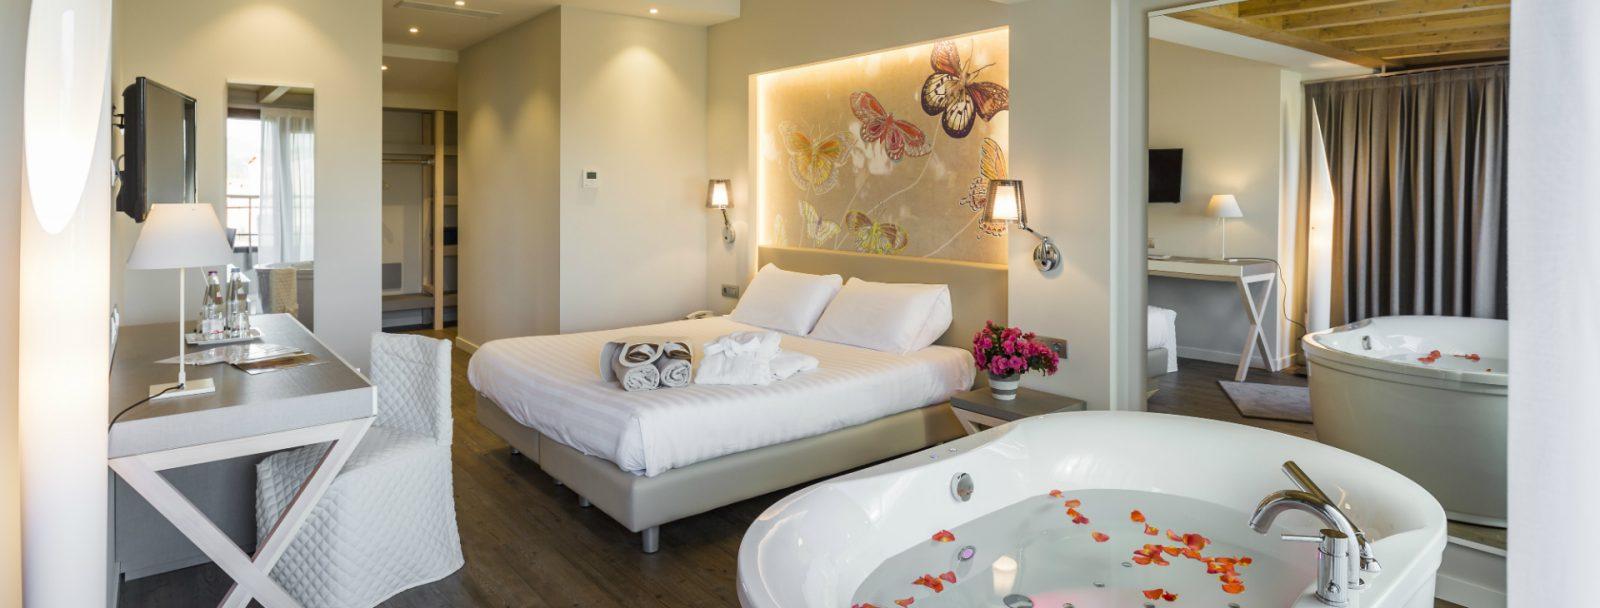 HOTEL CON IDROMASSAGGIO IN CAMERA - Hotel & SPA Miramonti